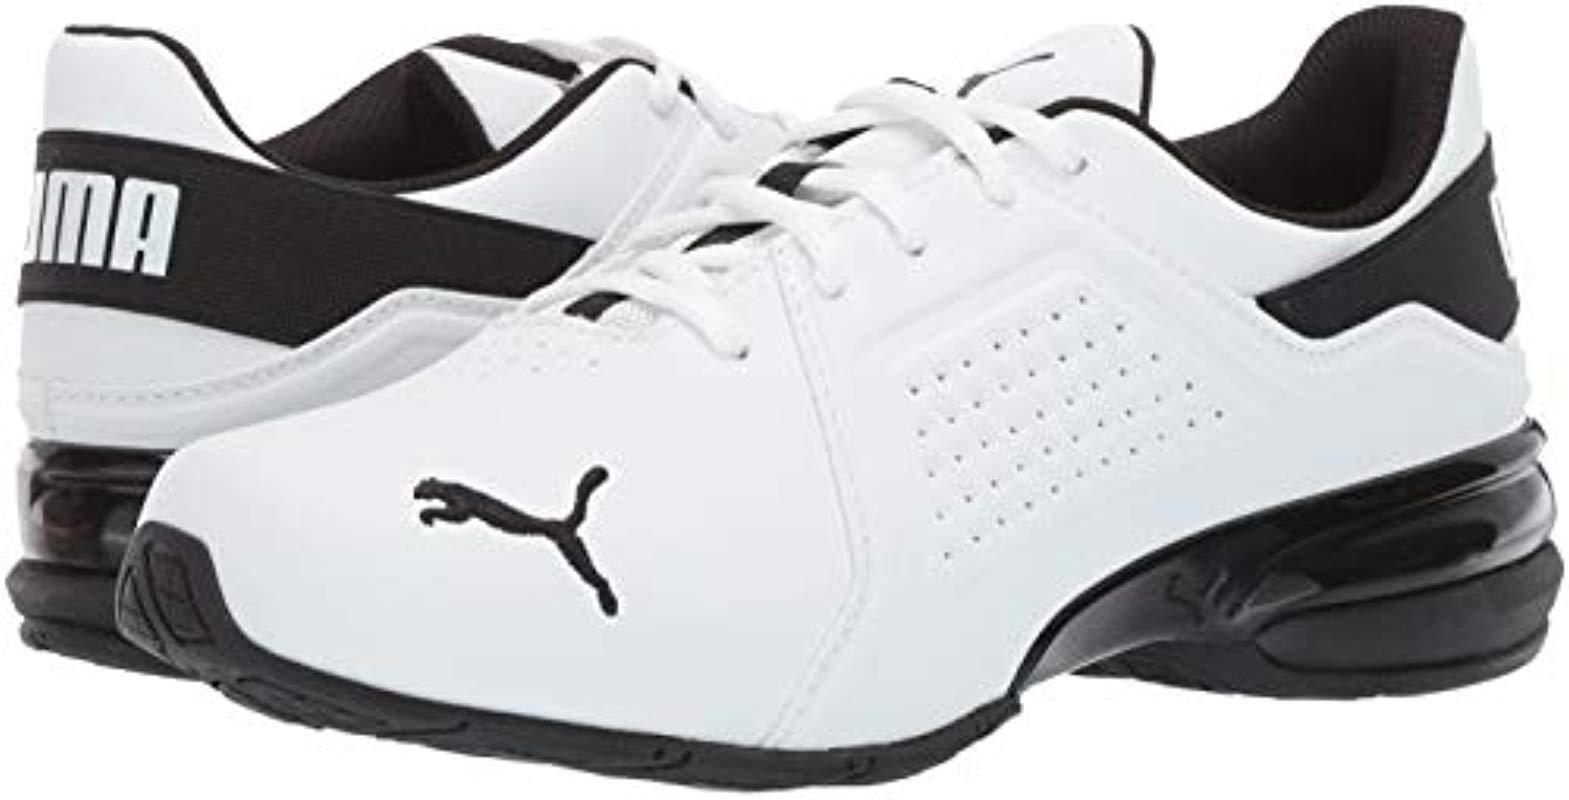 Puma Viz Runner Schuhe Ausverkauf, Original Puma Schuhe